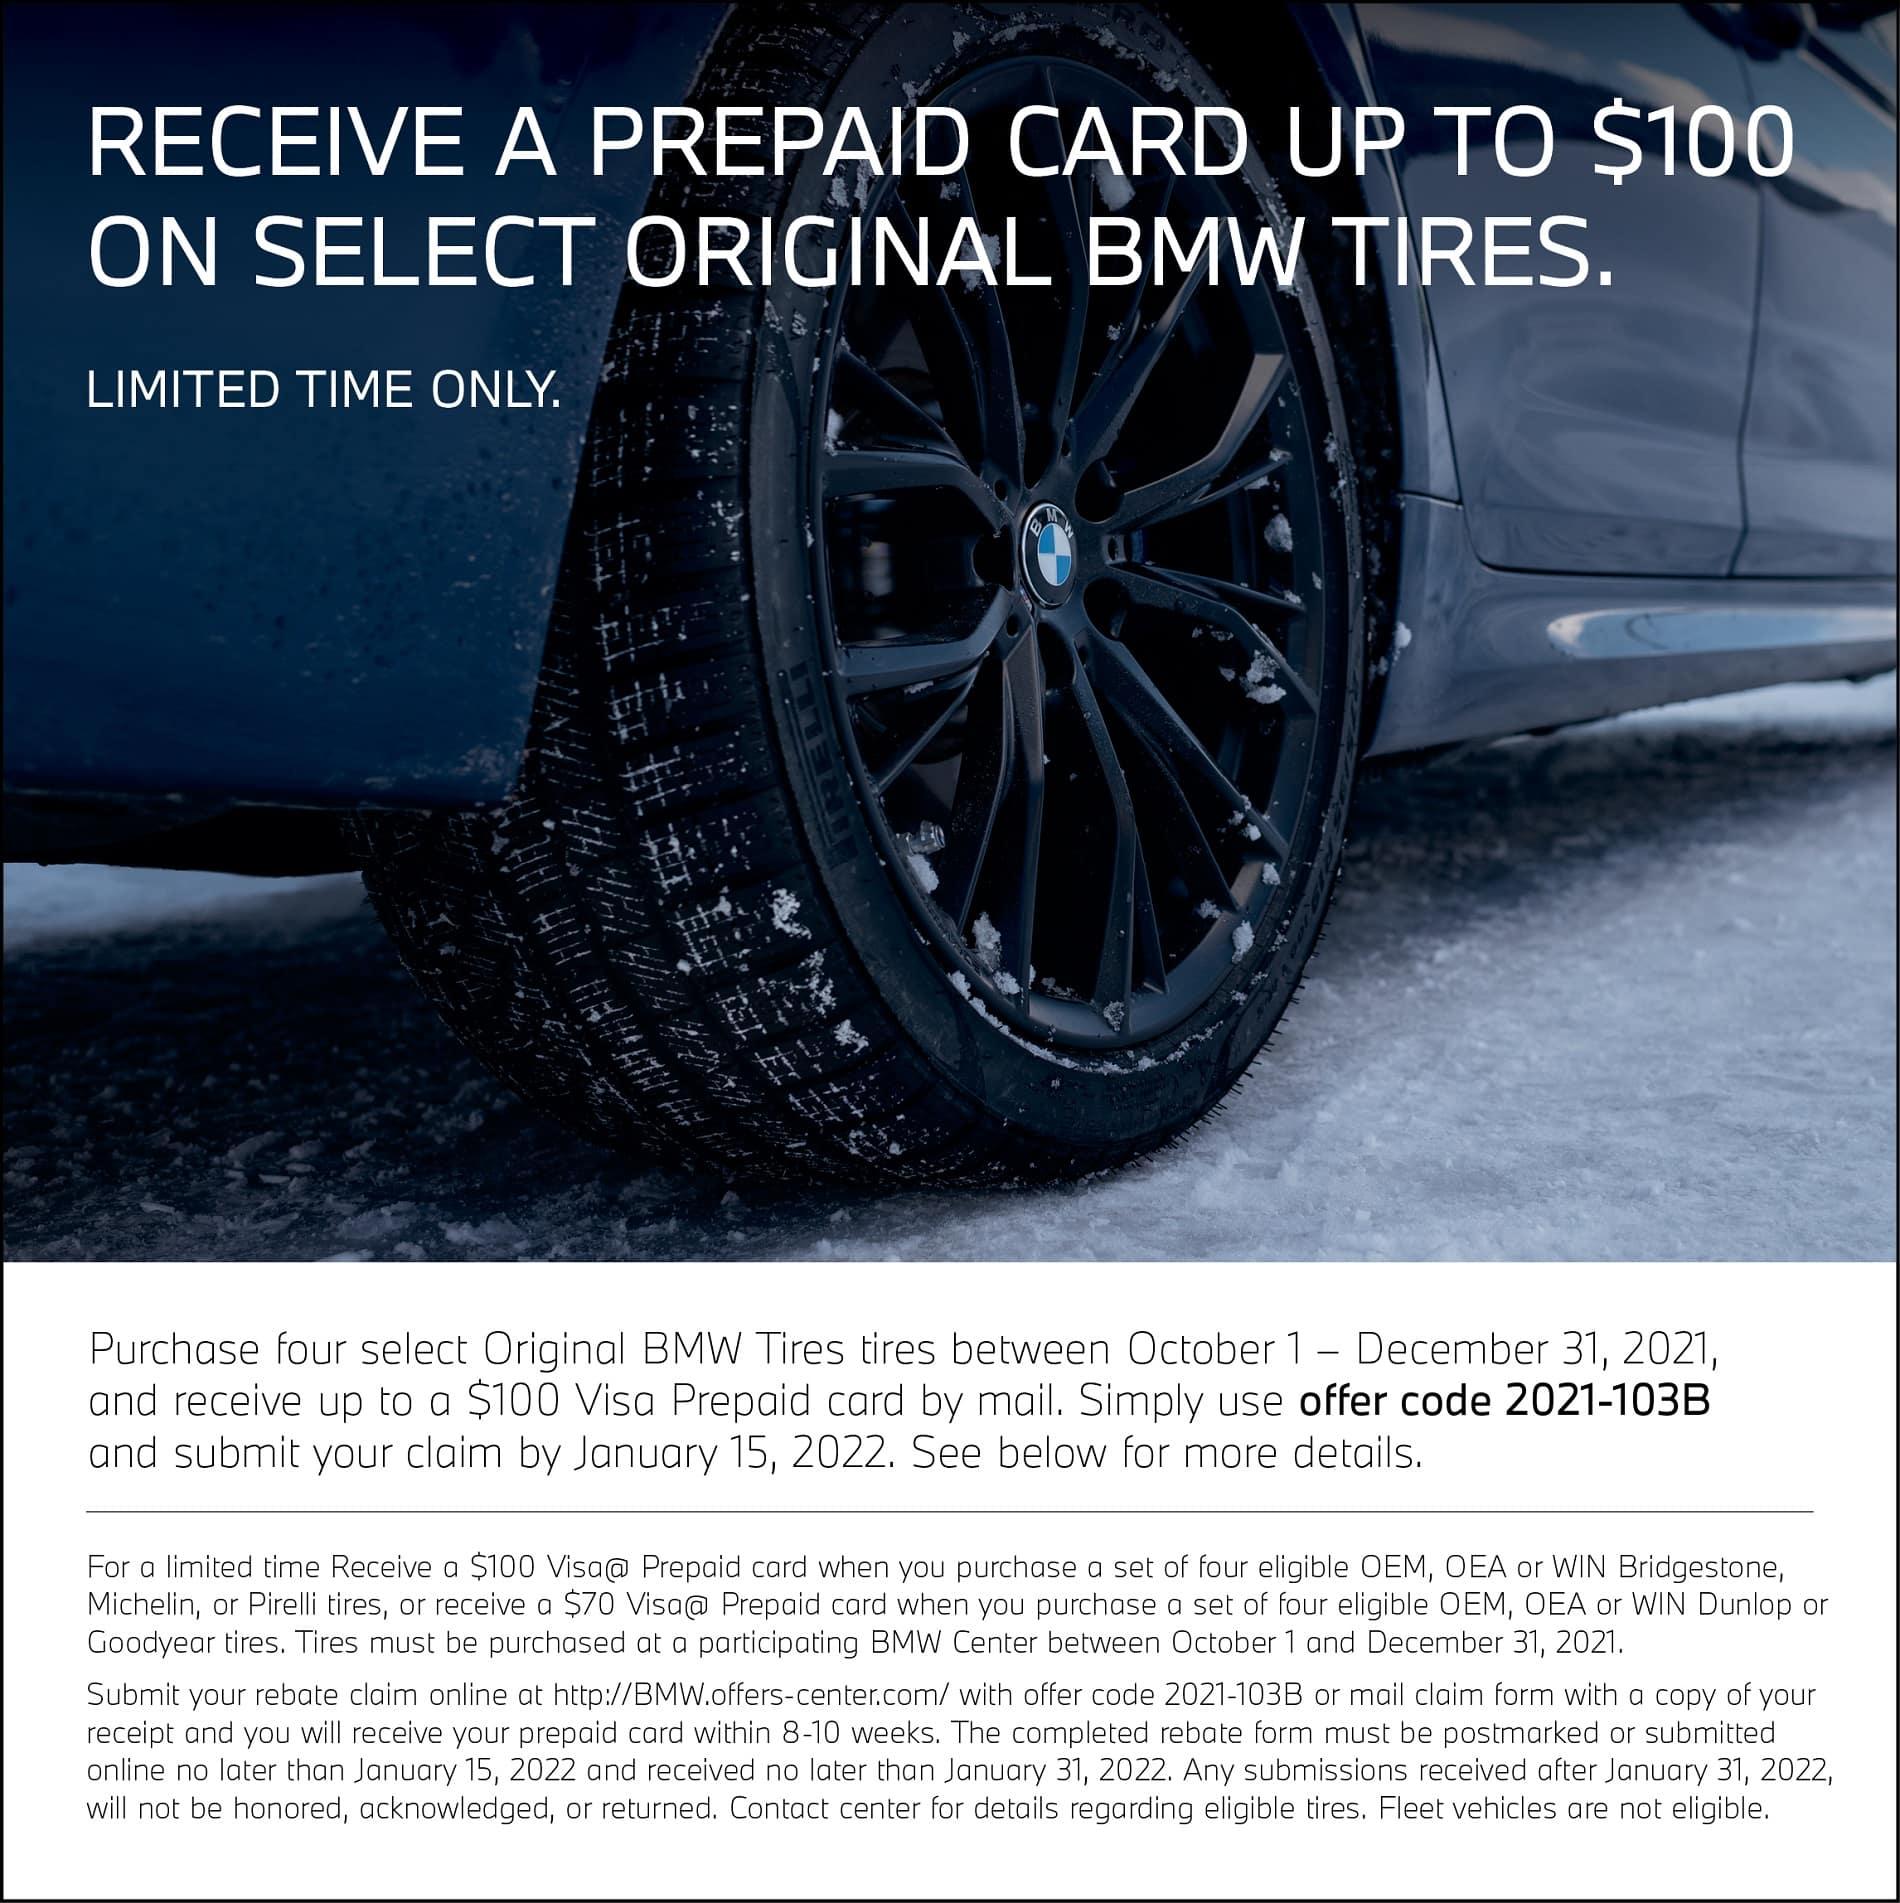 BMW Tire Rebate Special. Get up to $100 Visa Prepaid Card.